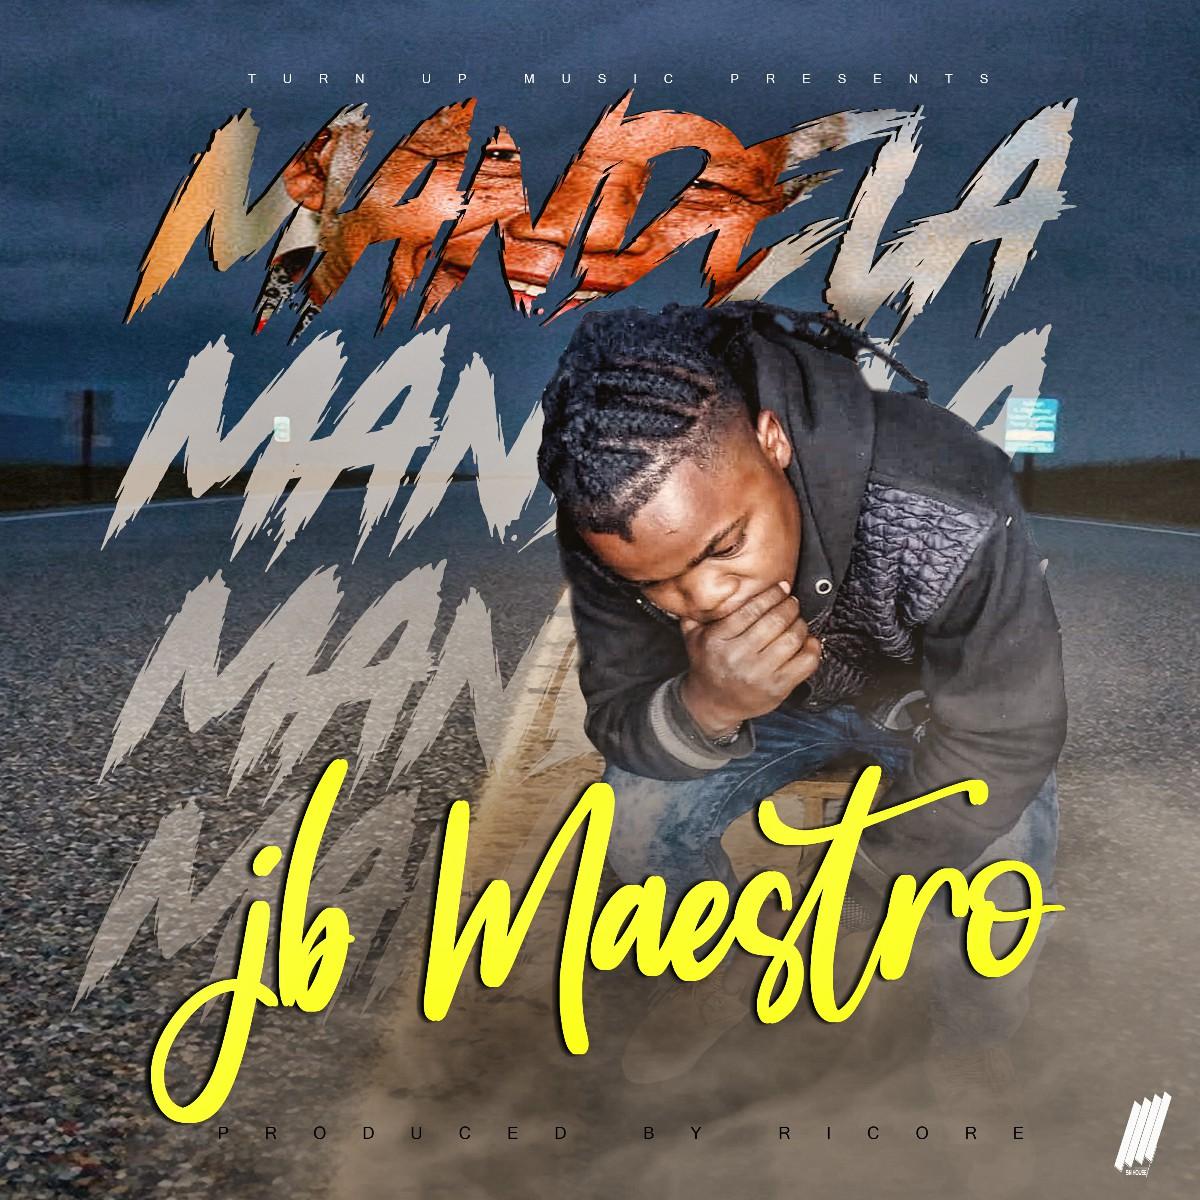 JB Maestro - Mandela (Prod. Ricore)